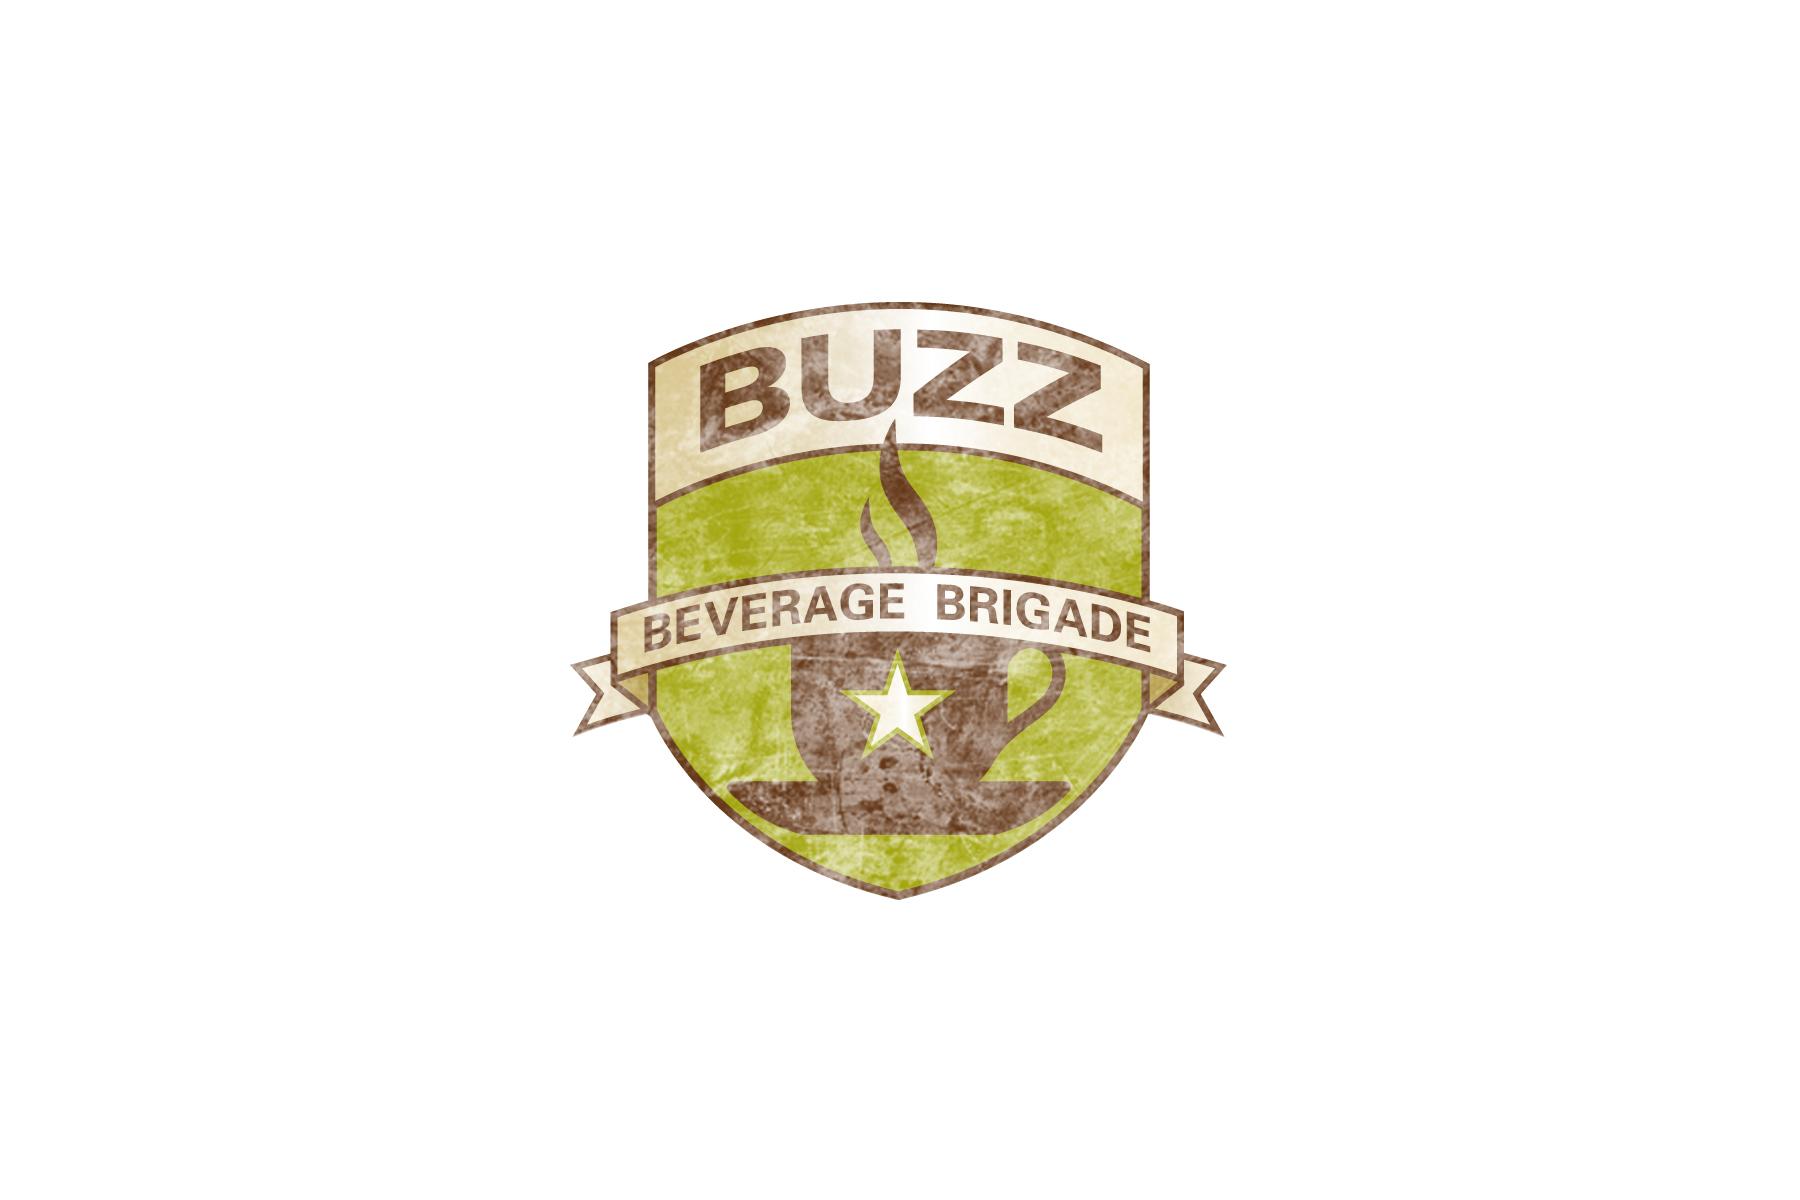 Logos_6x4_Buzz.jpg